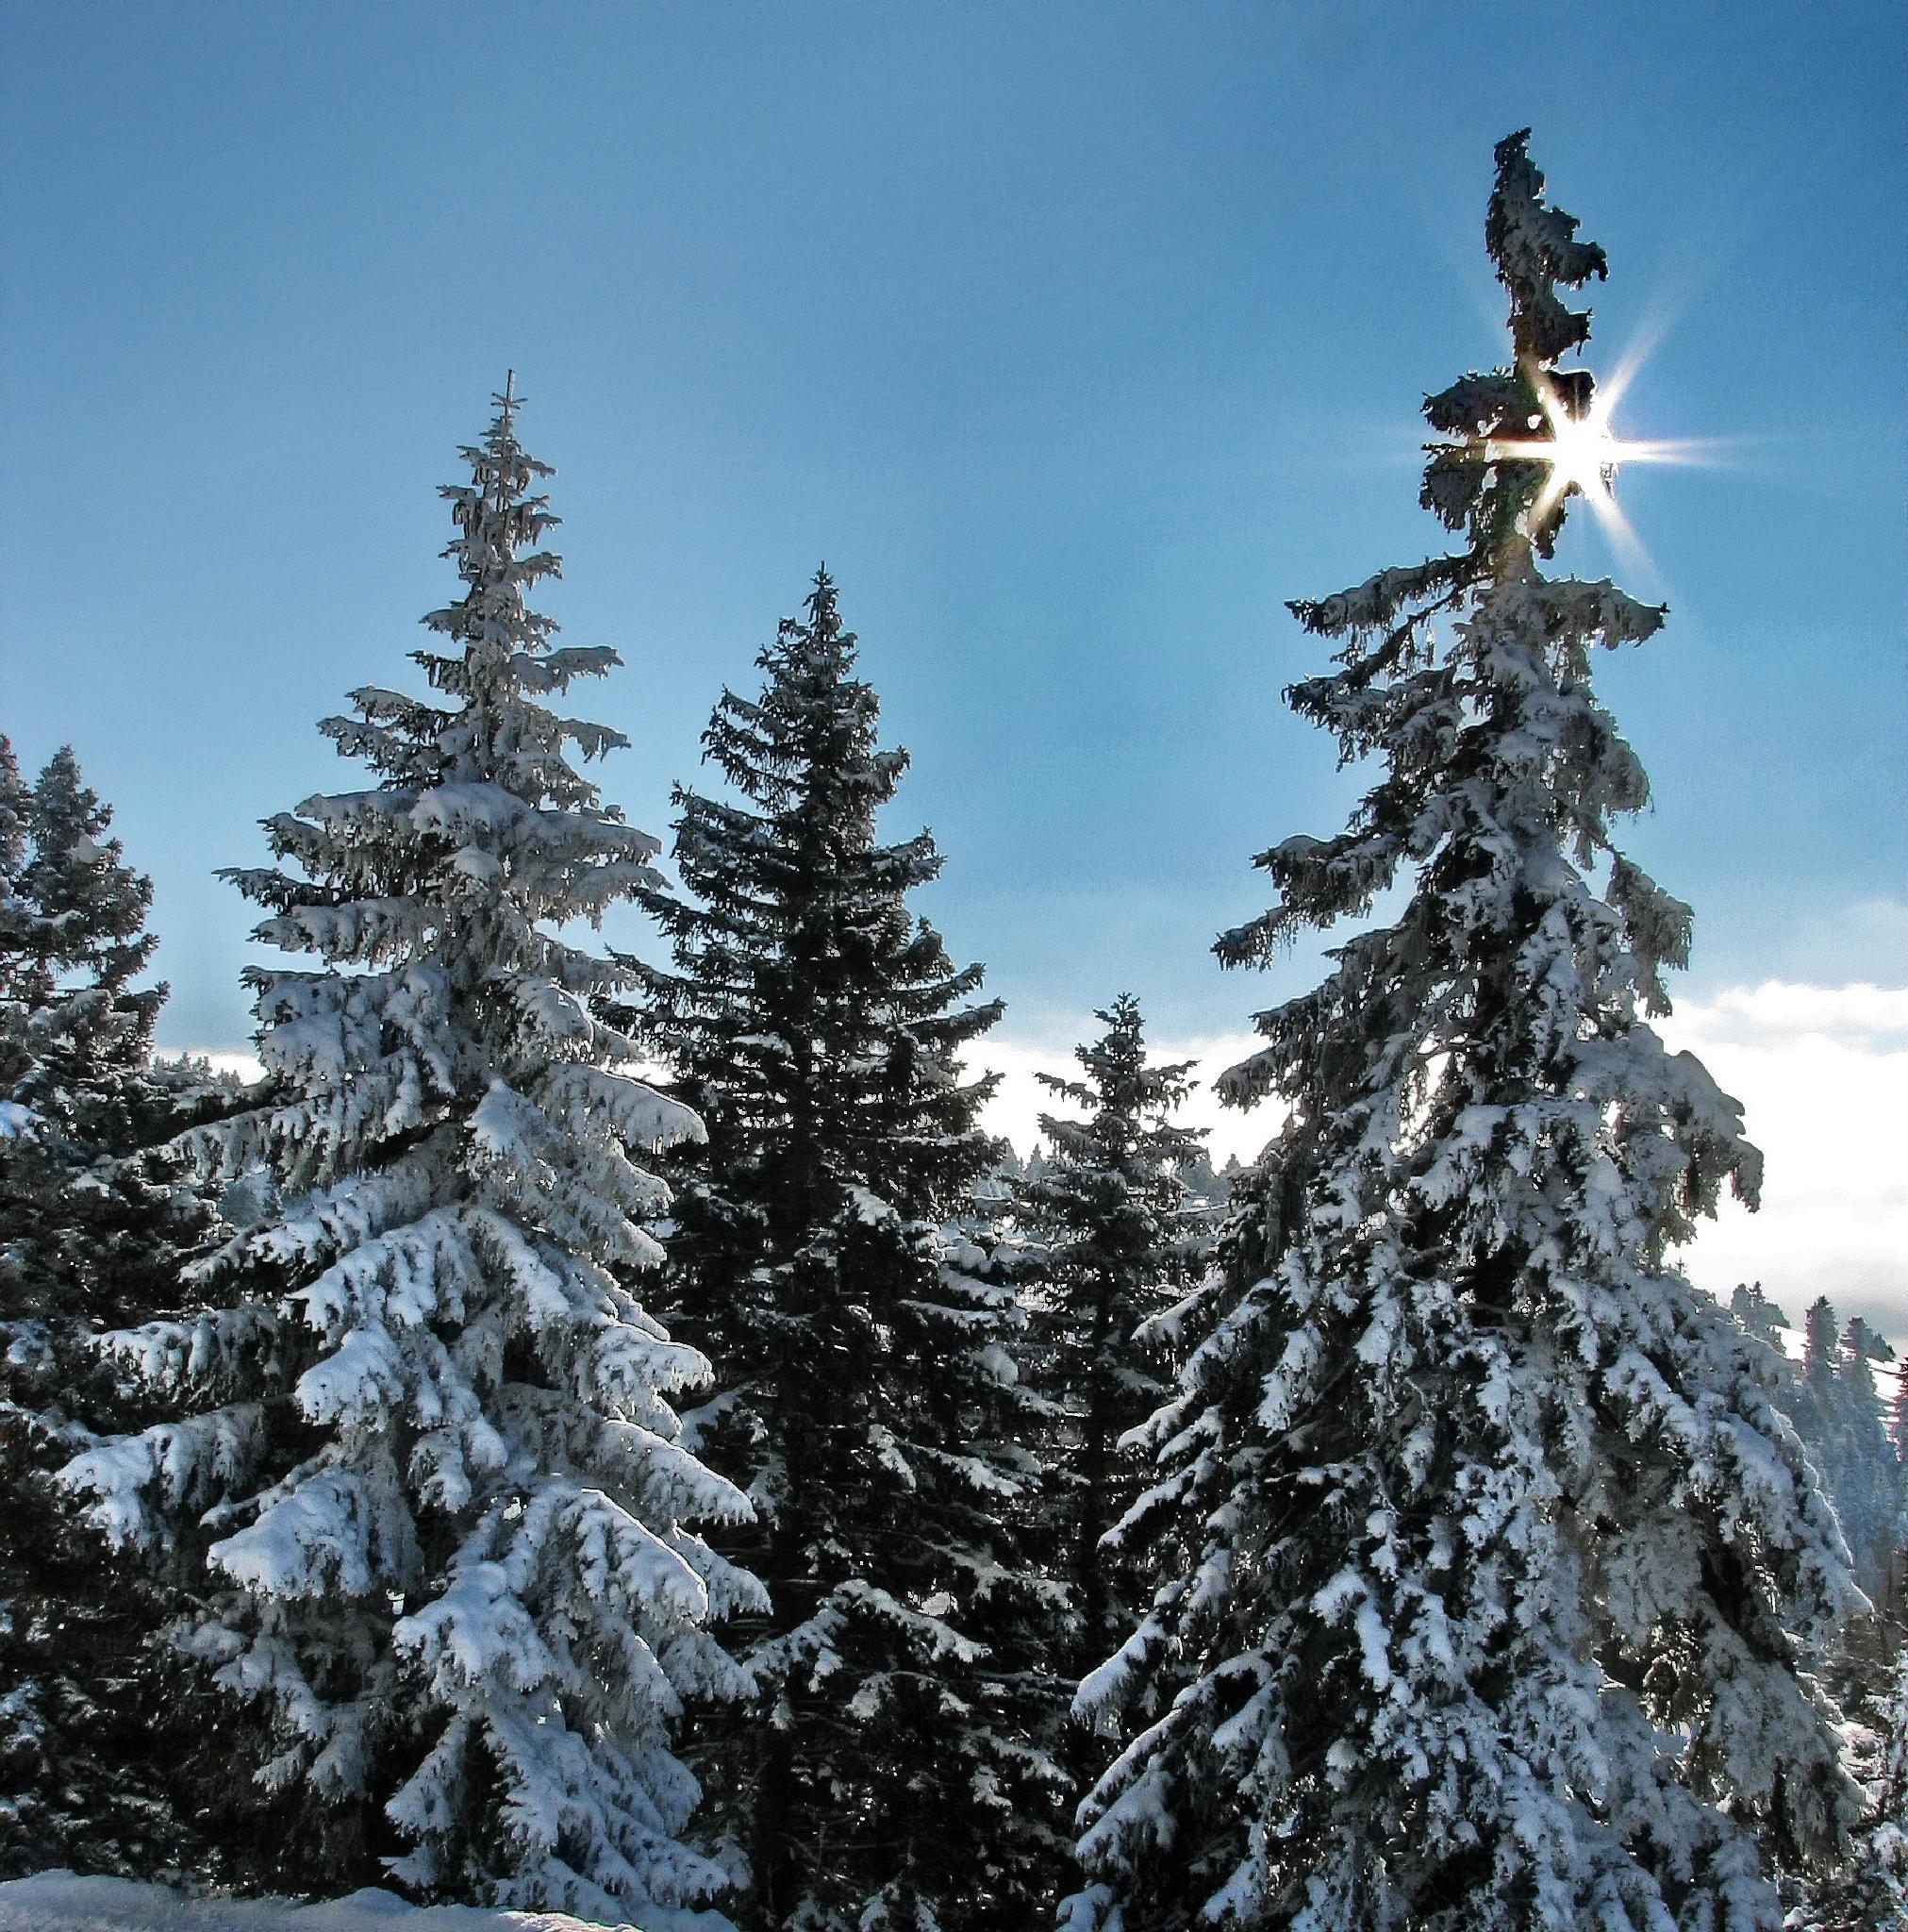 winter mountain forrest  by BernardaBizjak